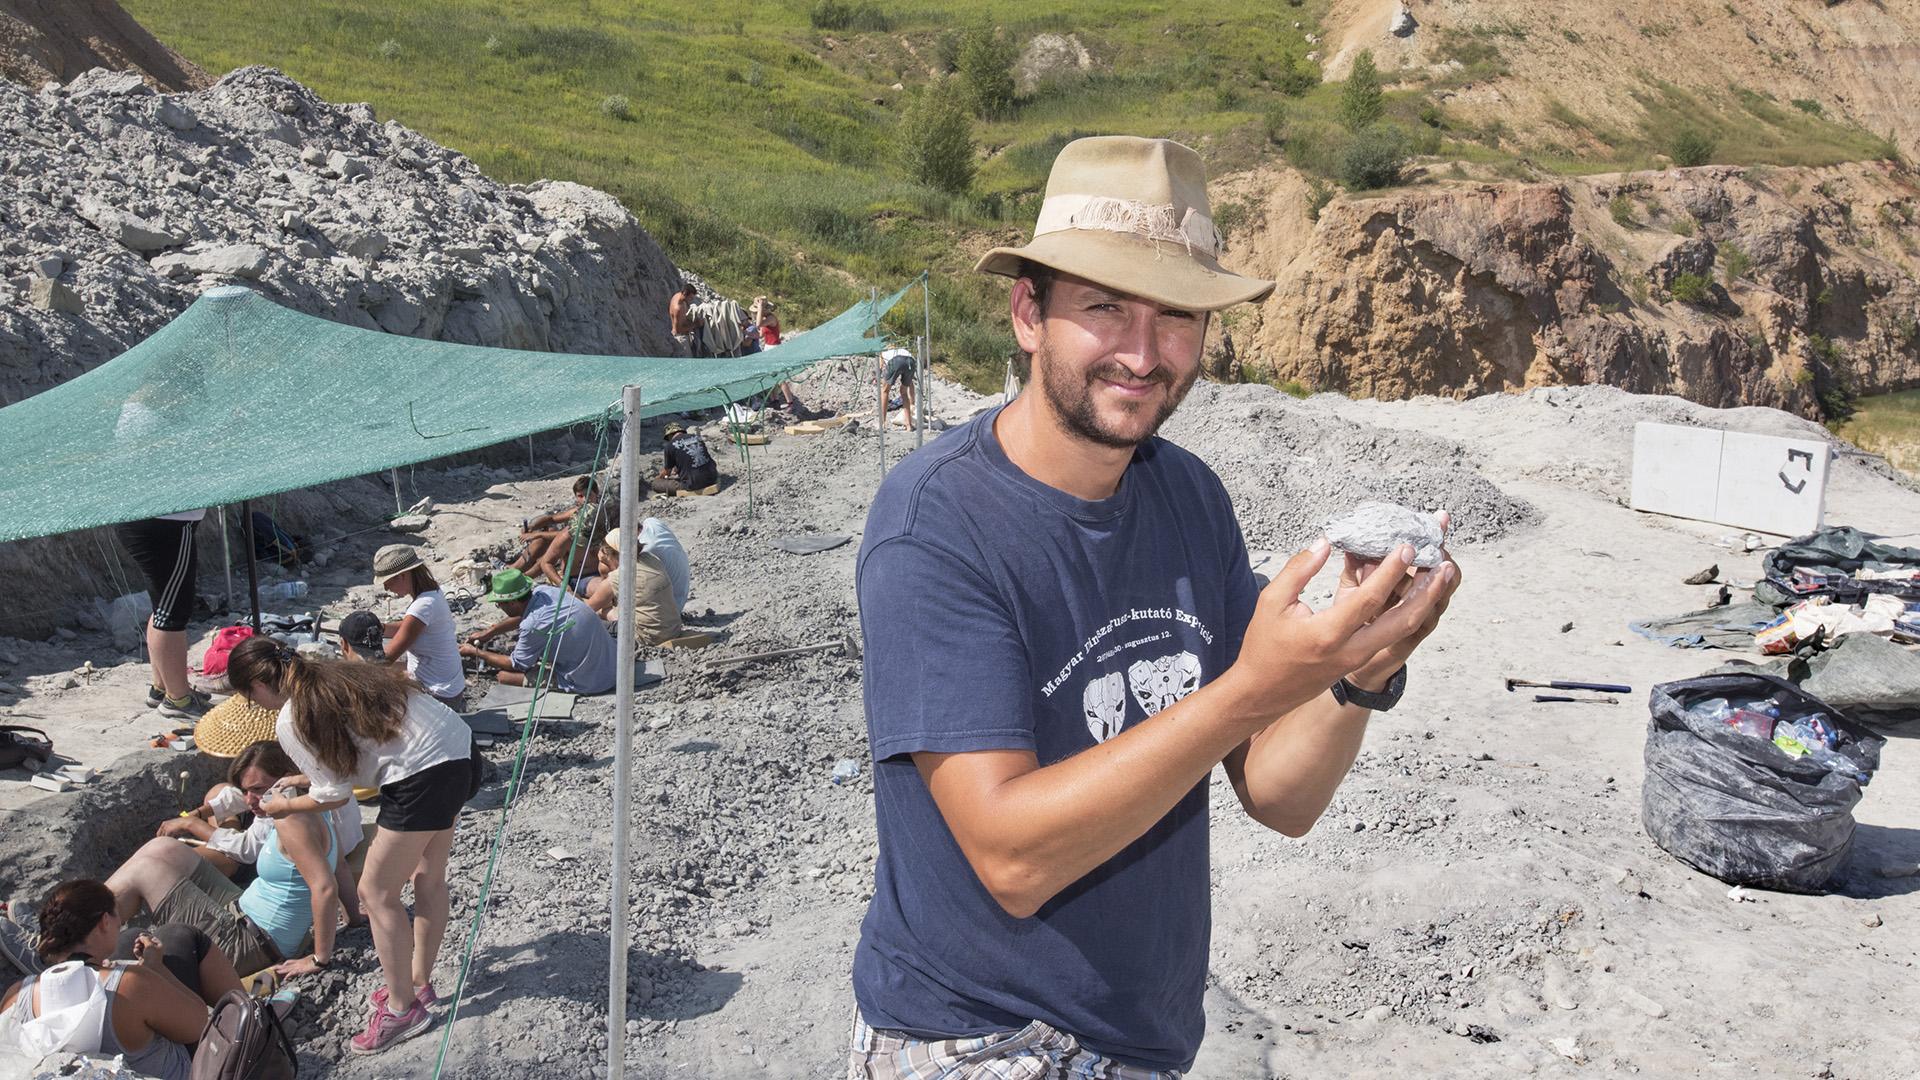 dinoszaurusz dr. ősi attila elte őslénykutató riport